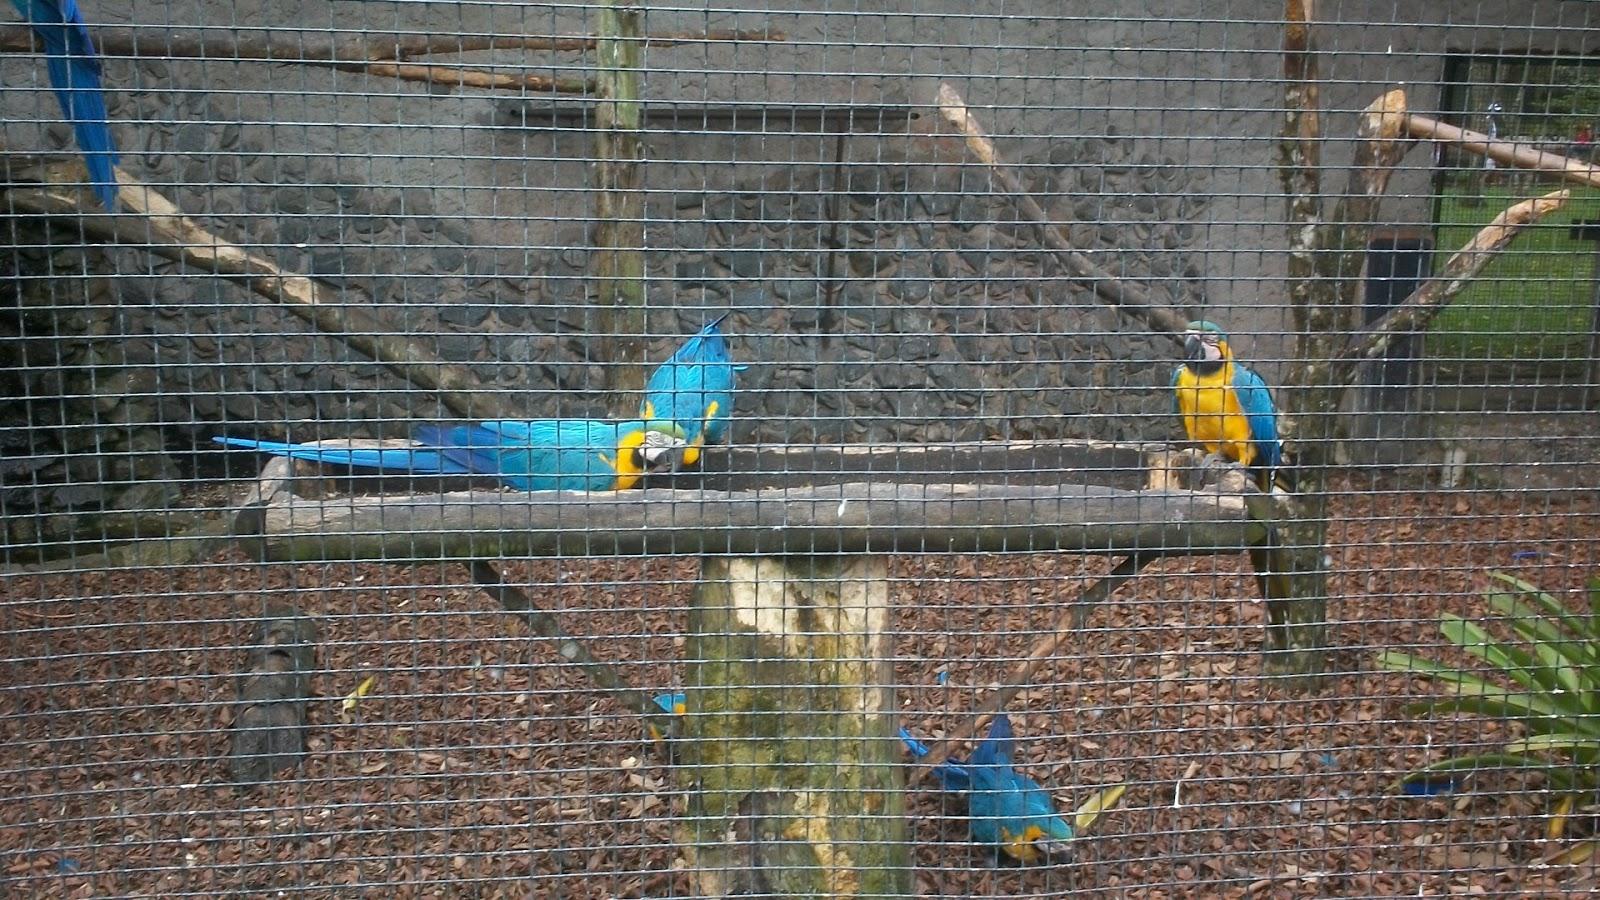 : Brasil São Bernardo do Campo Parque Estoril 18km #334C60 1600x900